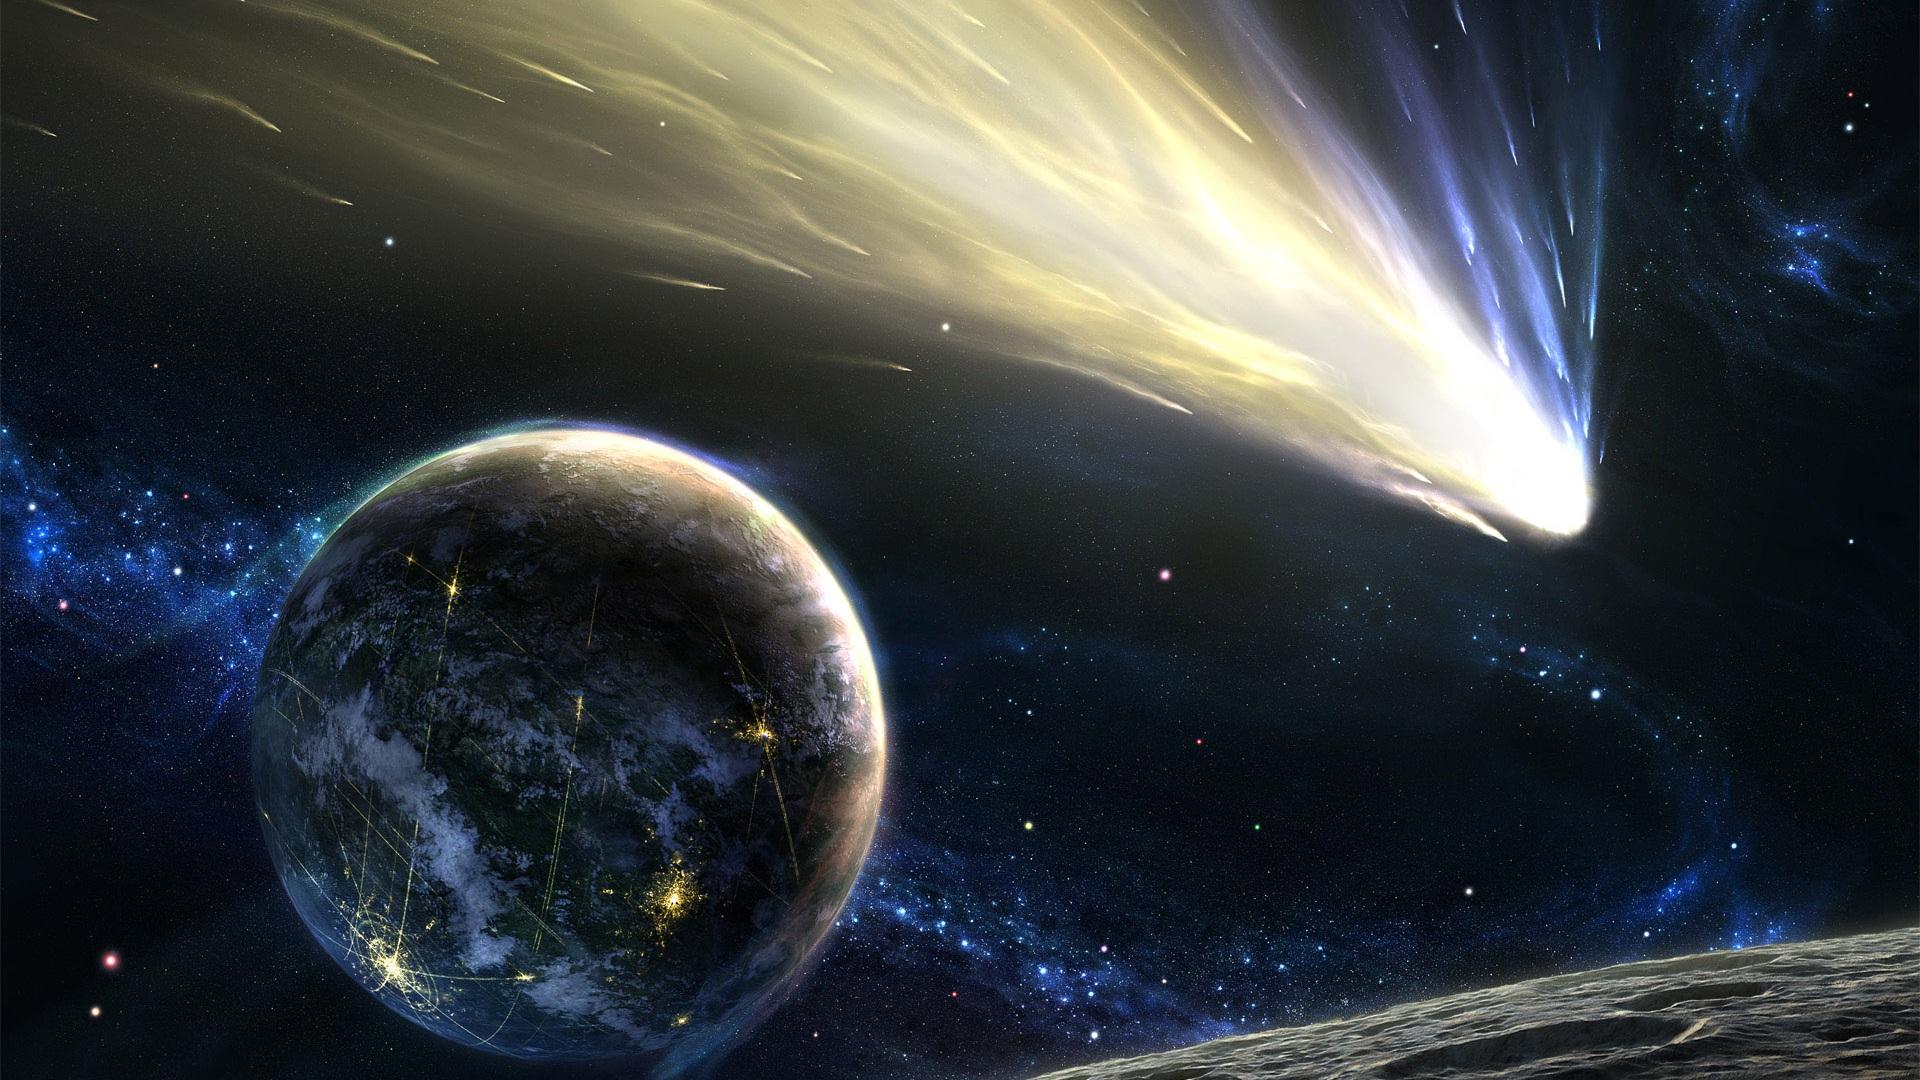 彗星 (航空機)の画像 p1_34